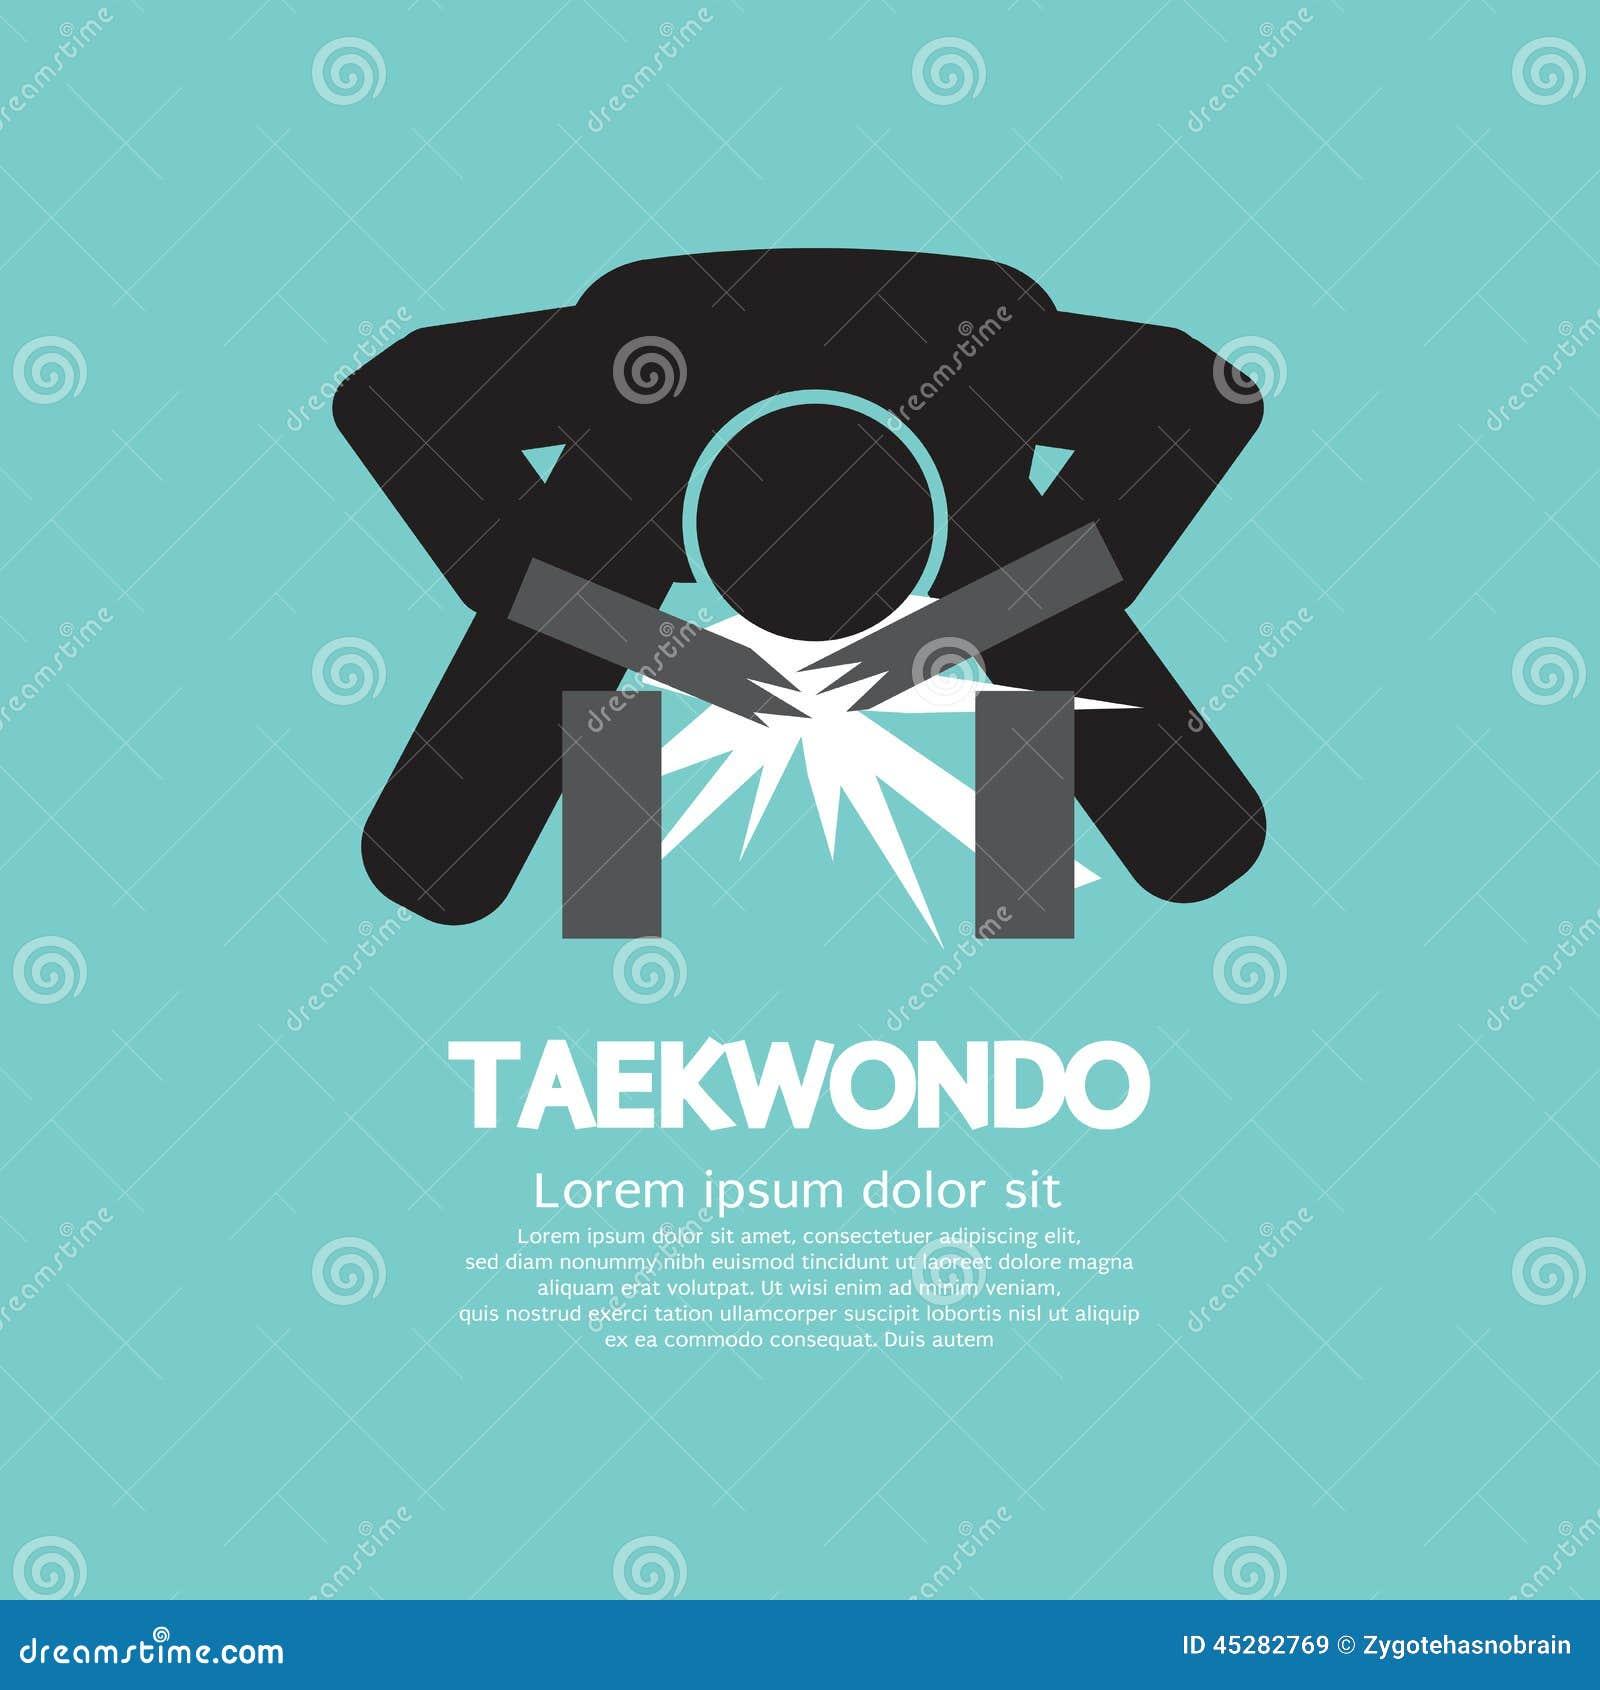 Taekwondo asian sport symbol stock vector illustration of taekwondo asian sport symbol biocorpaavc